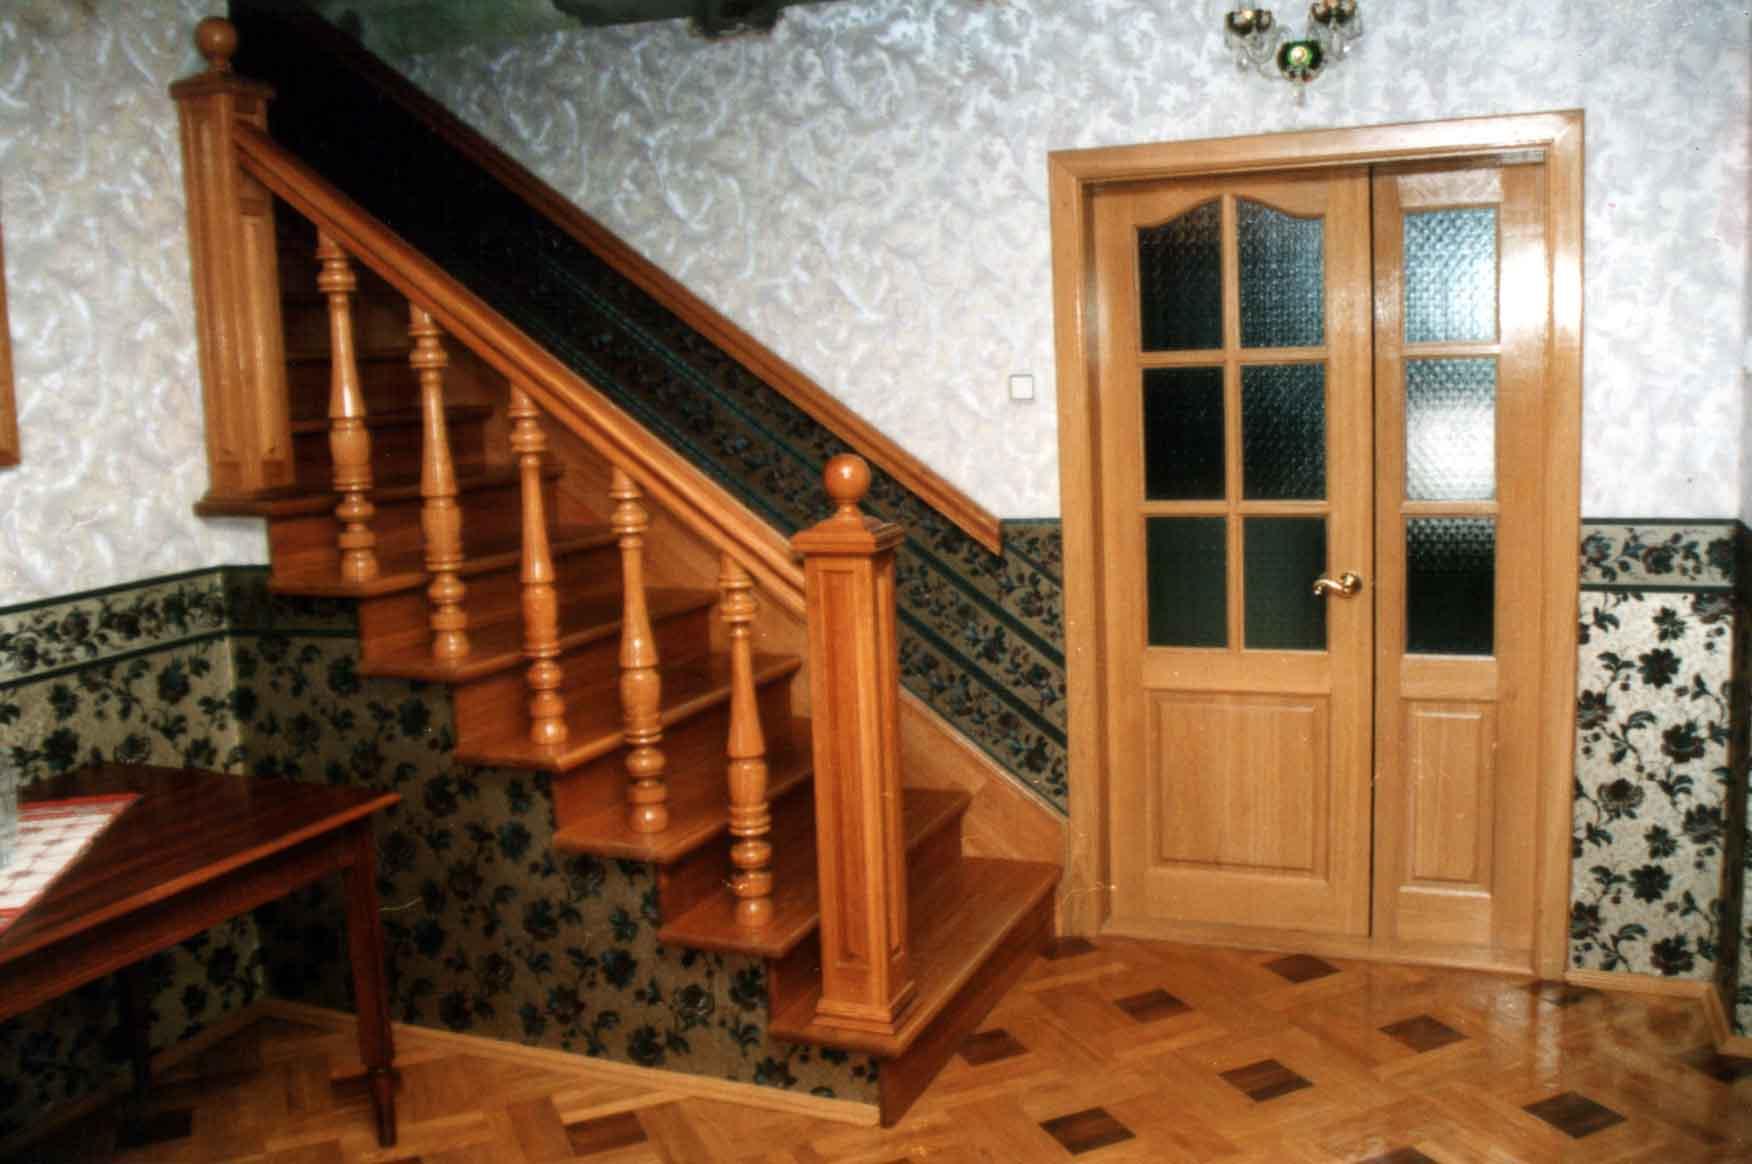 Альменда – лестницы на заказ любой сложности и конфигурации по самой доступной стоимости